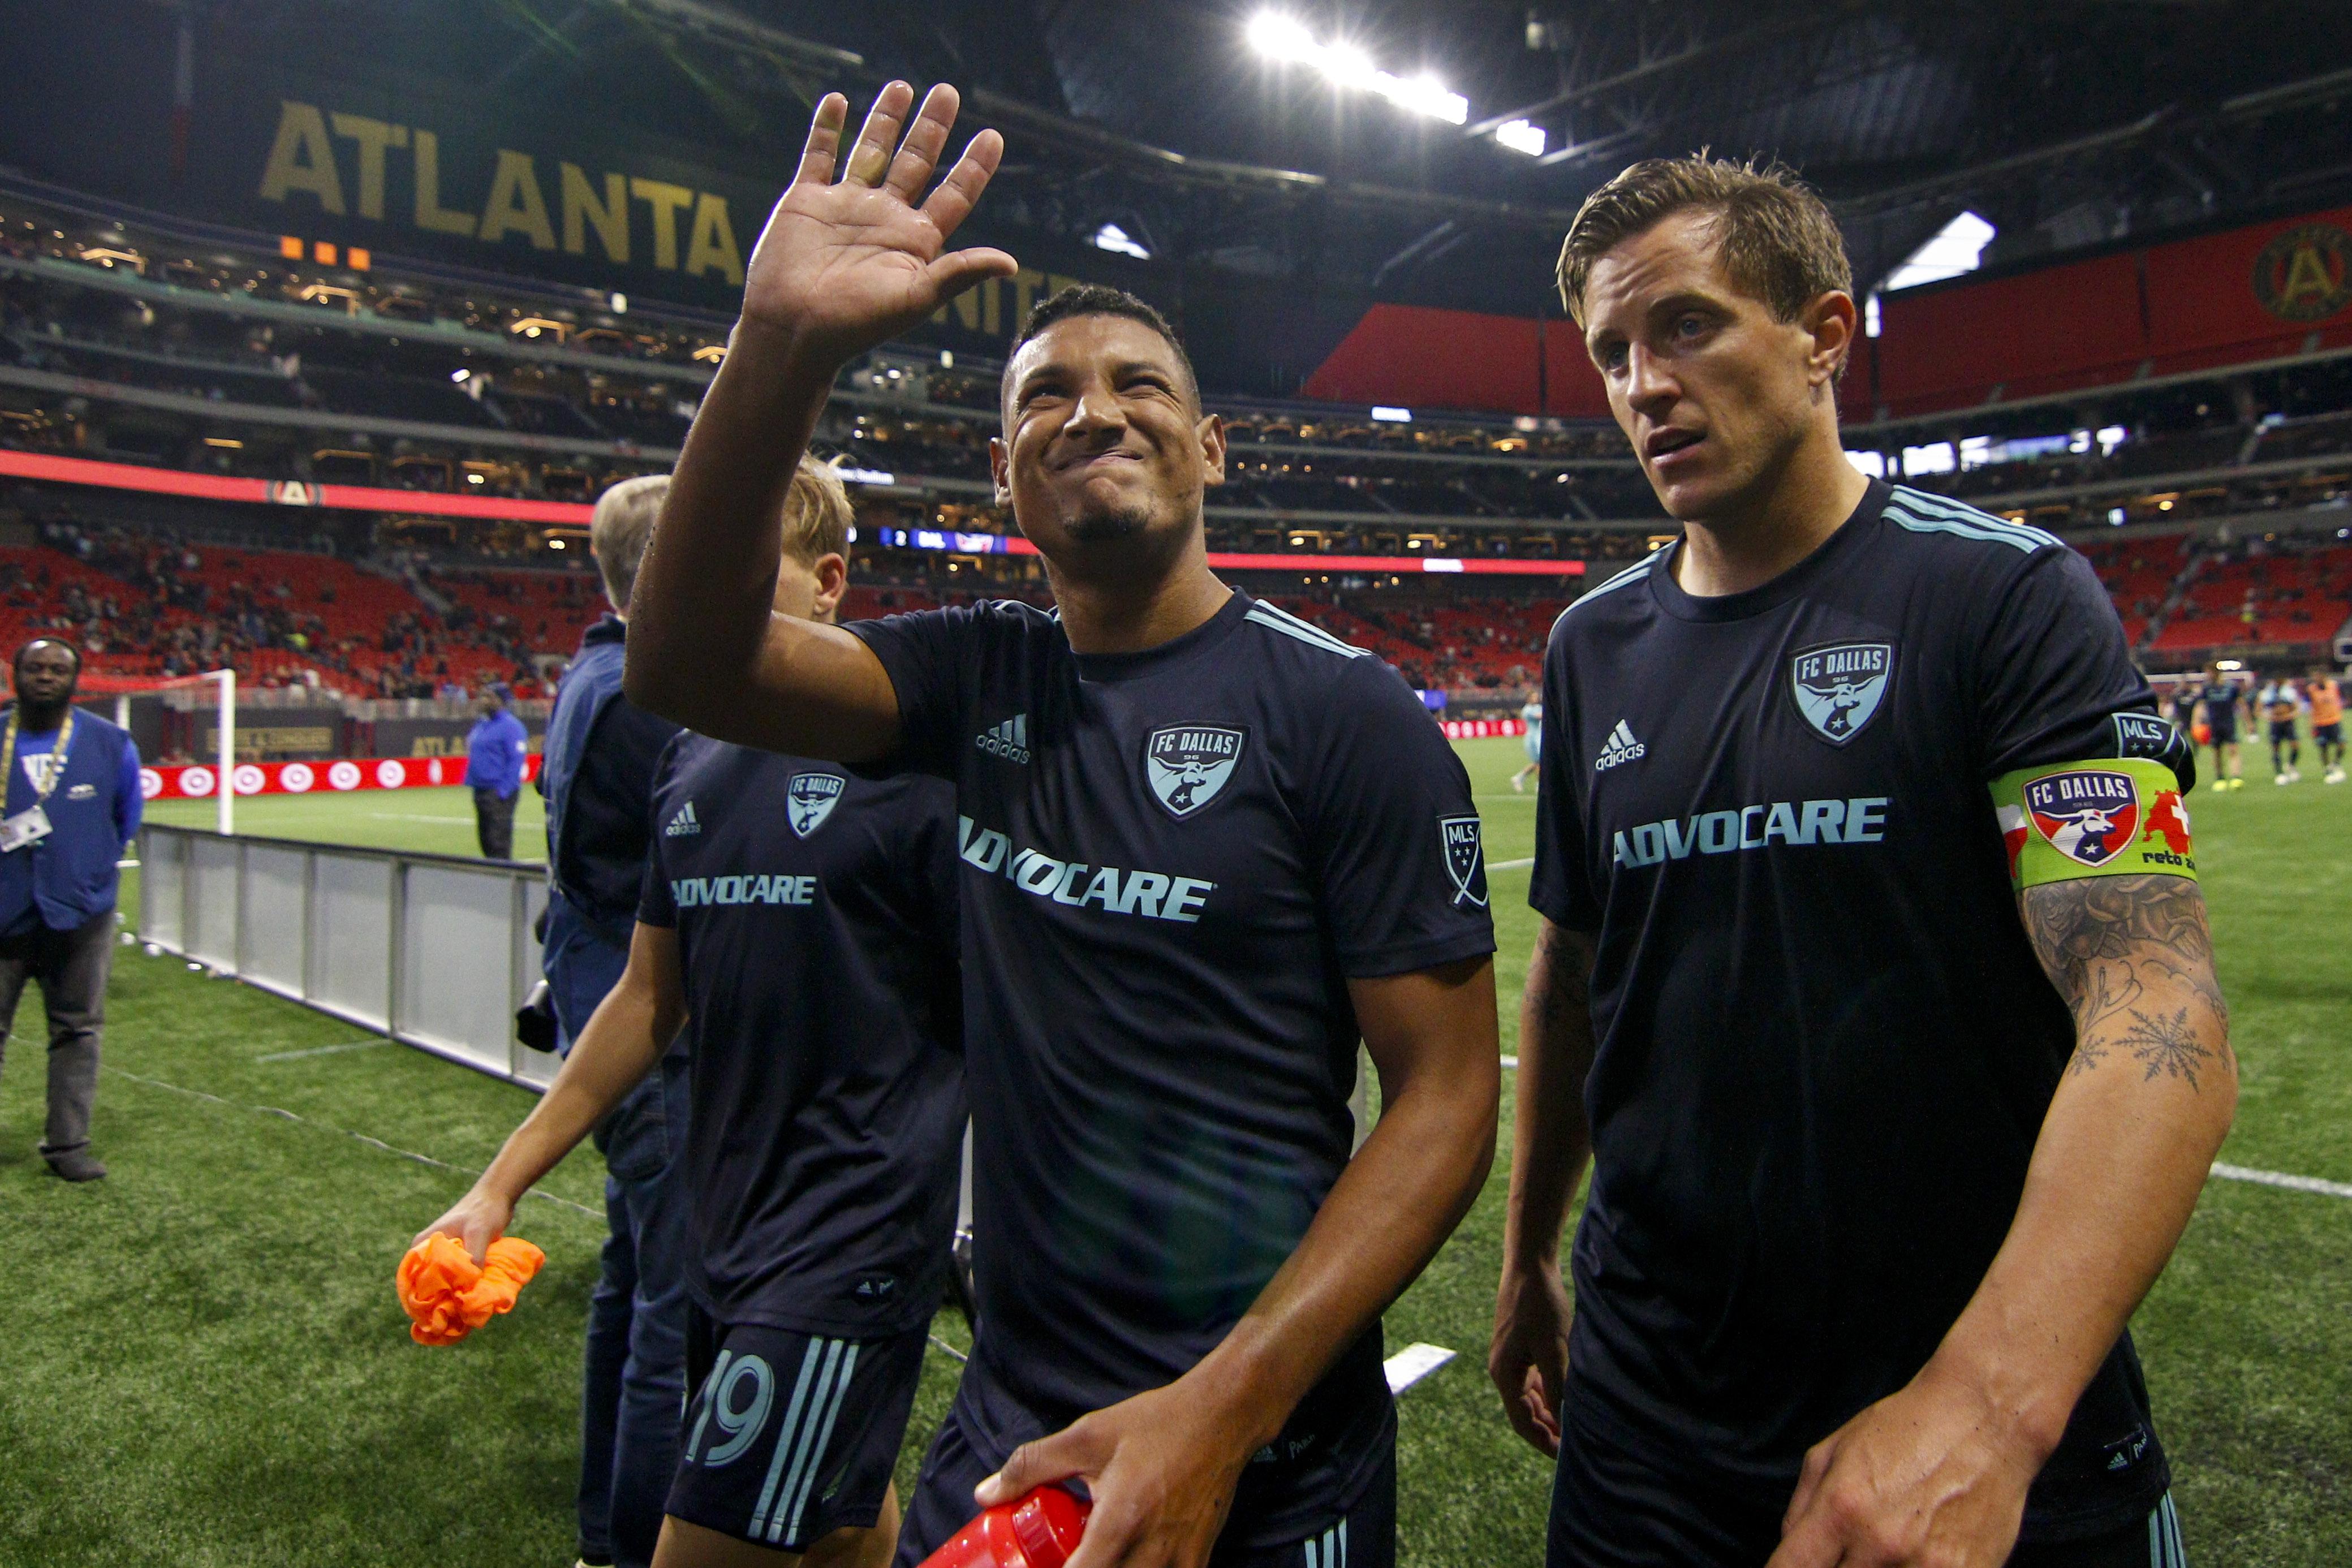 FC Dallas vs Atlanta United: Highlights, stats and quote sheet - Big